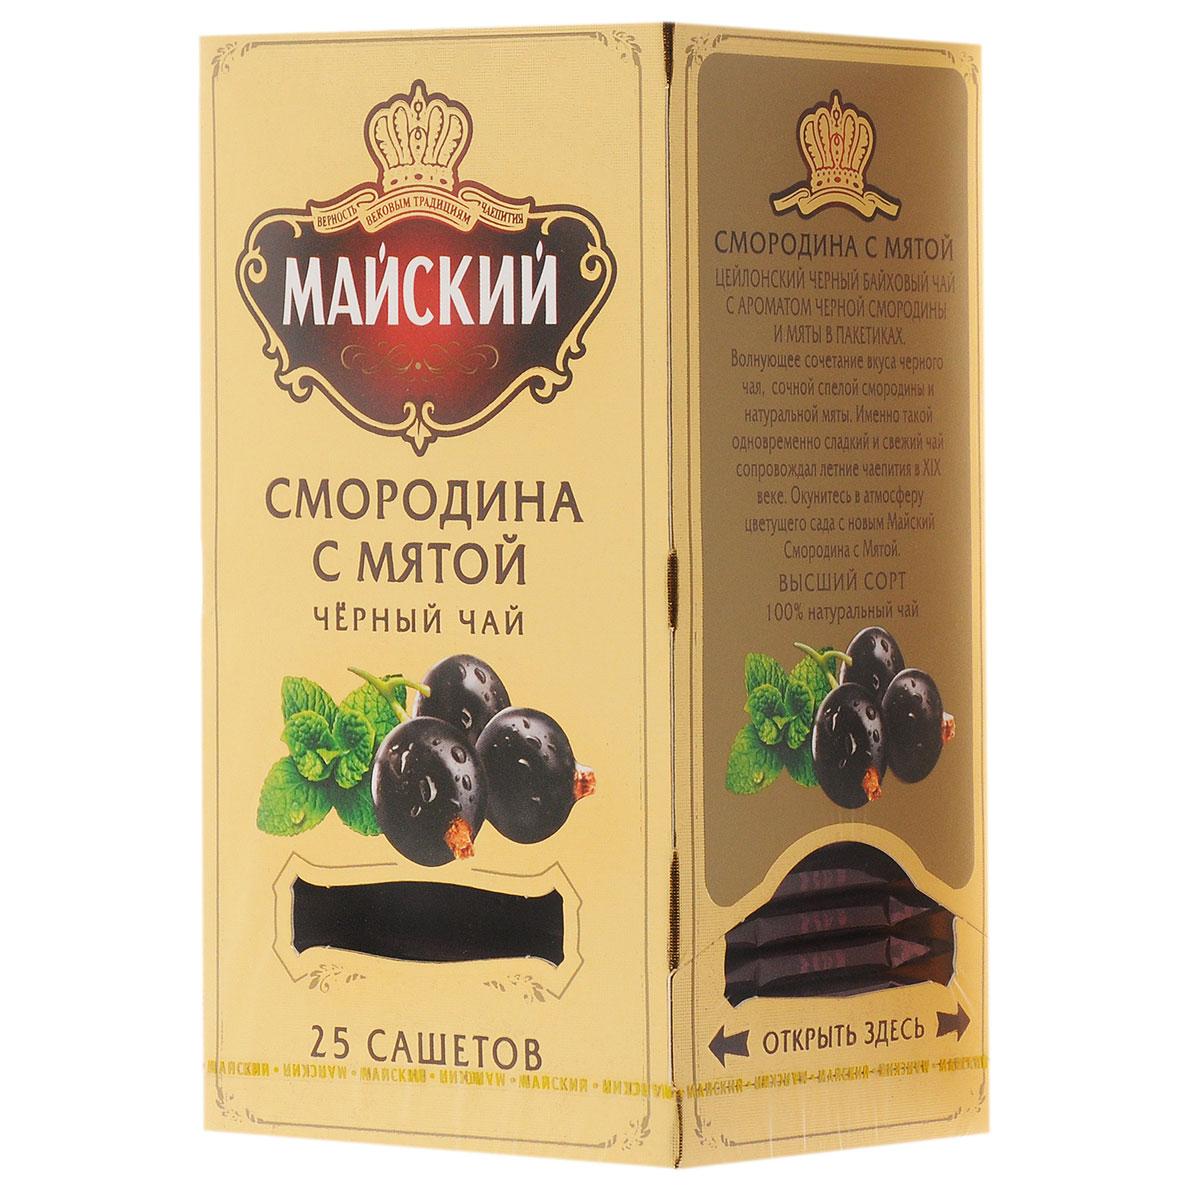 Майский Смородина с мятой черный ароматизированный чай в пакетиках, 25 шт